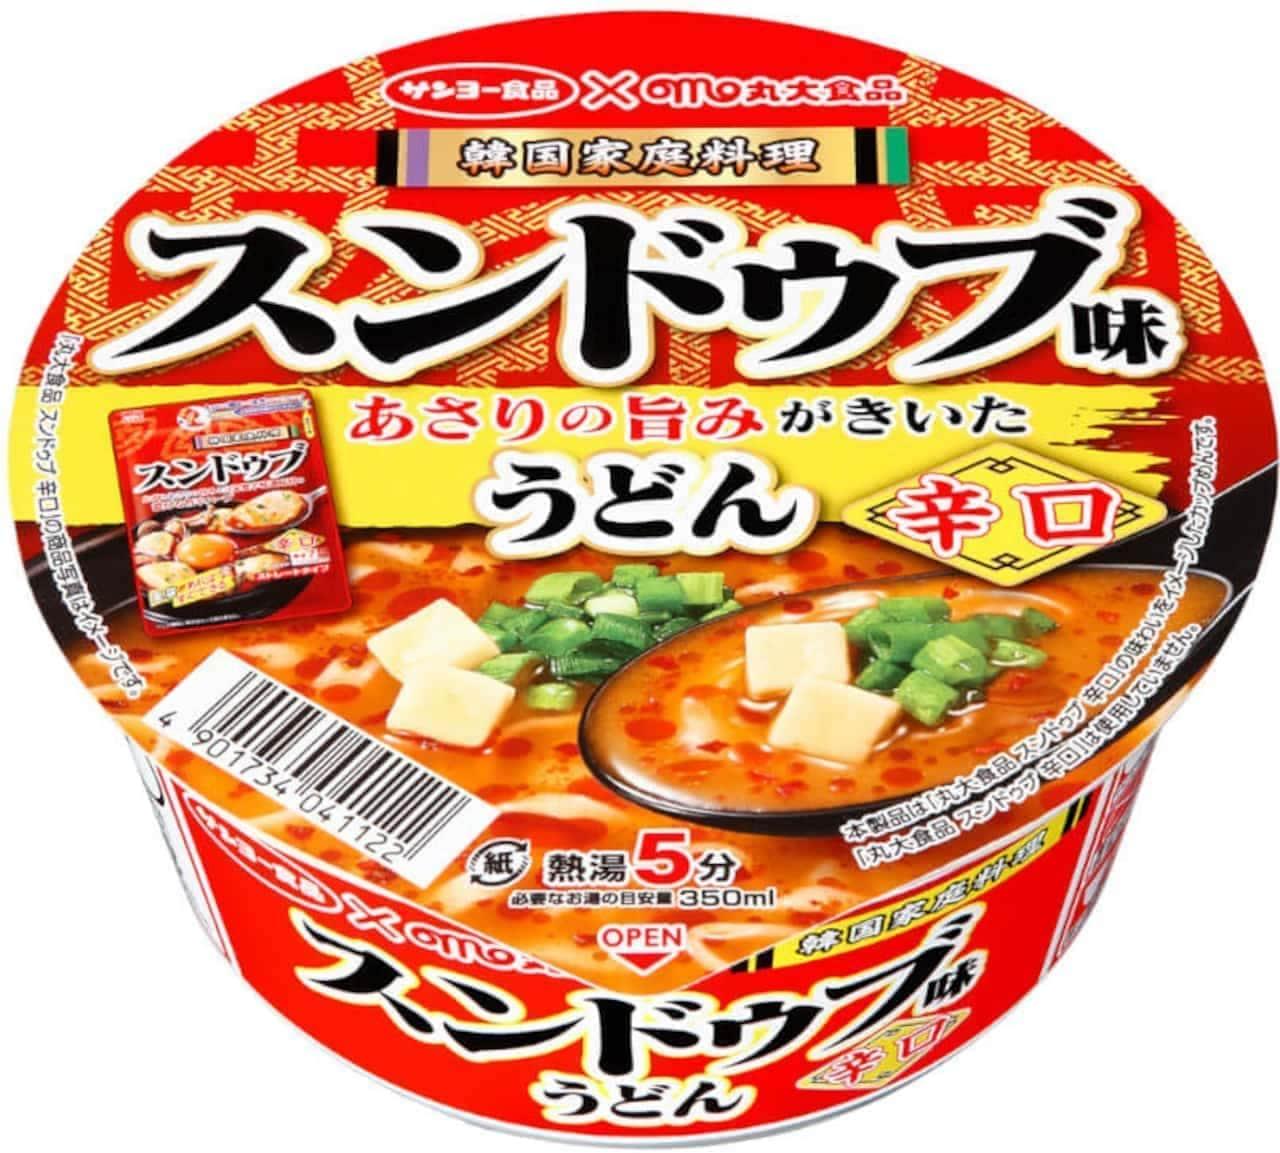 カップ麺「スンドゥブ辛口味 うどん」「スンドゥブマイルド味 ラーメン」